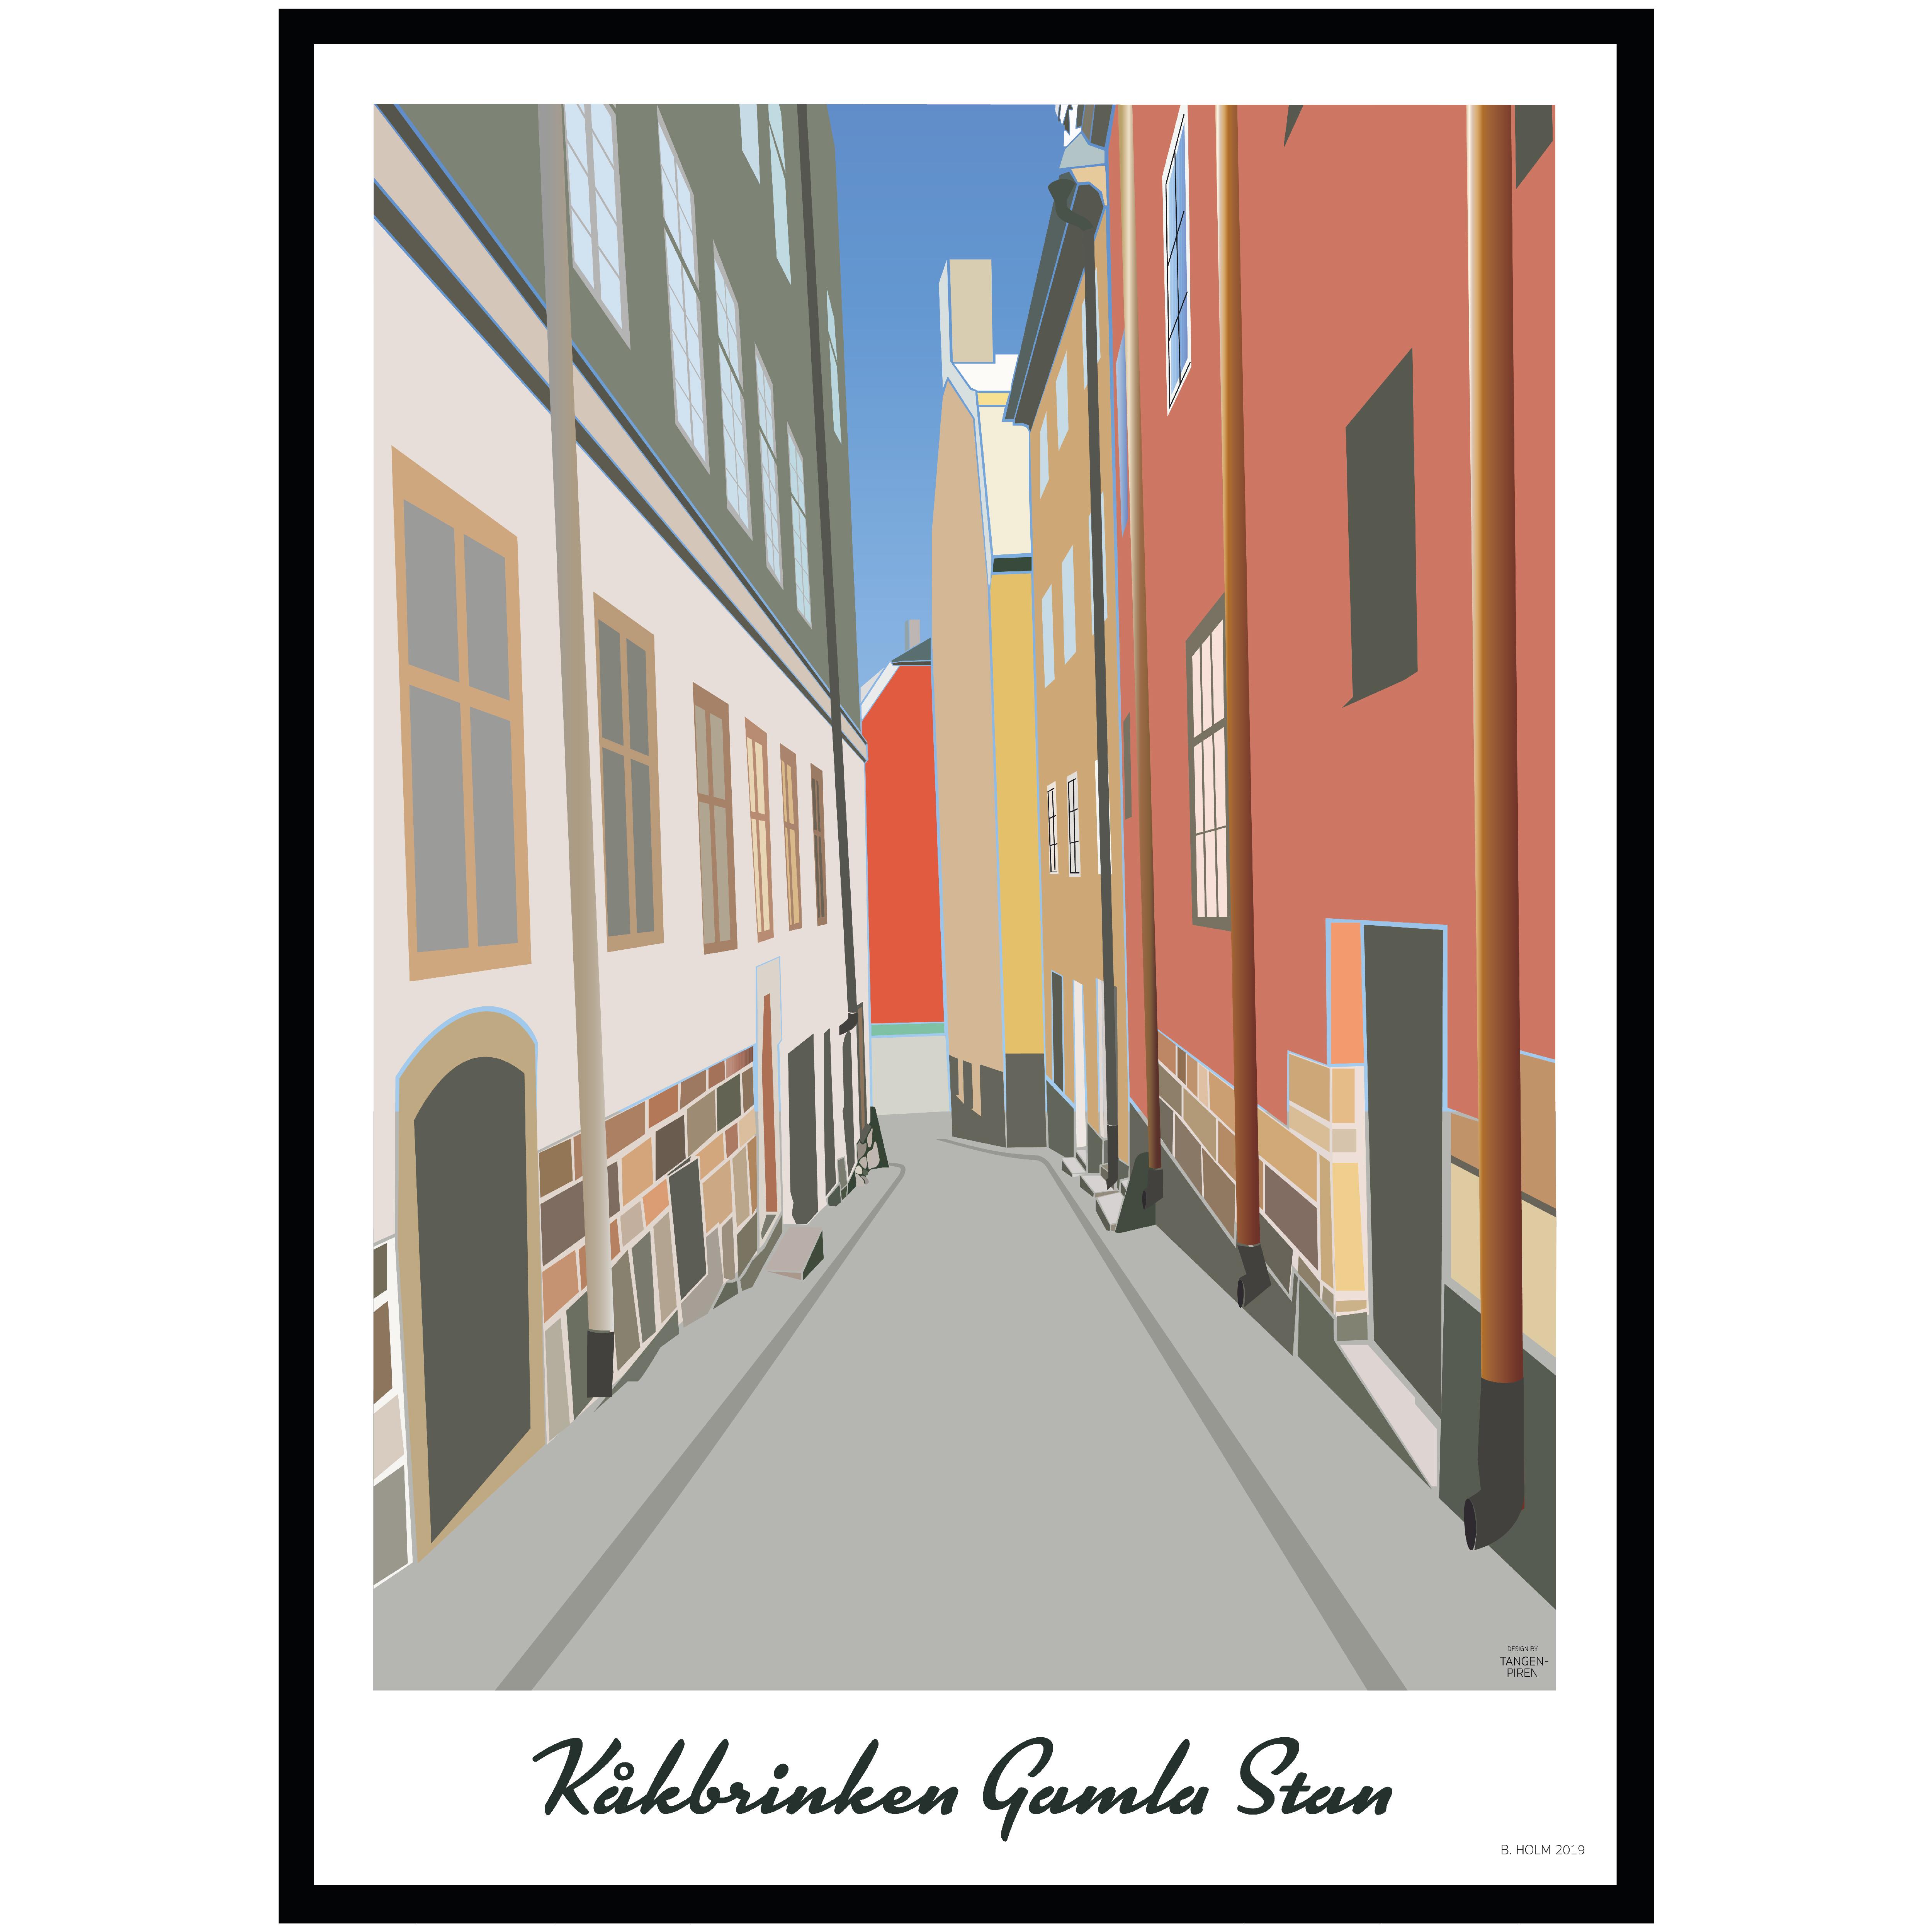 A012 Poster Stockholm Kåkbrinken